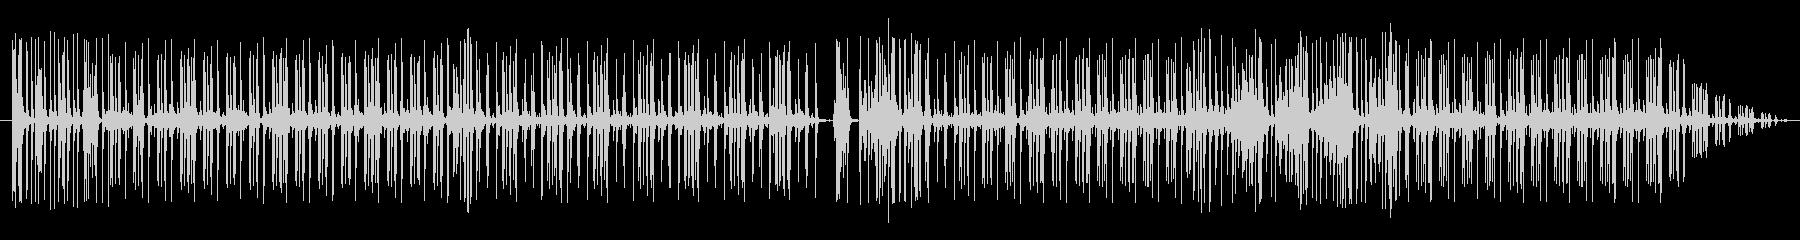 グルーブ16ビートpurdie風ドラム3の未再生の波形